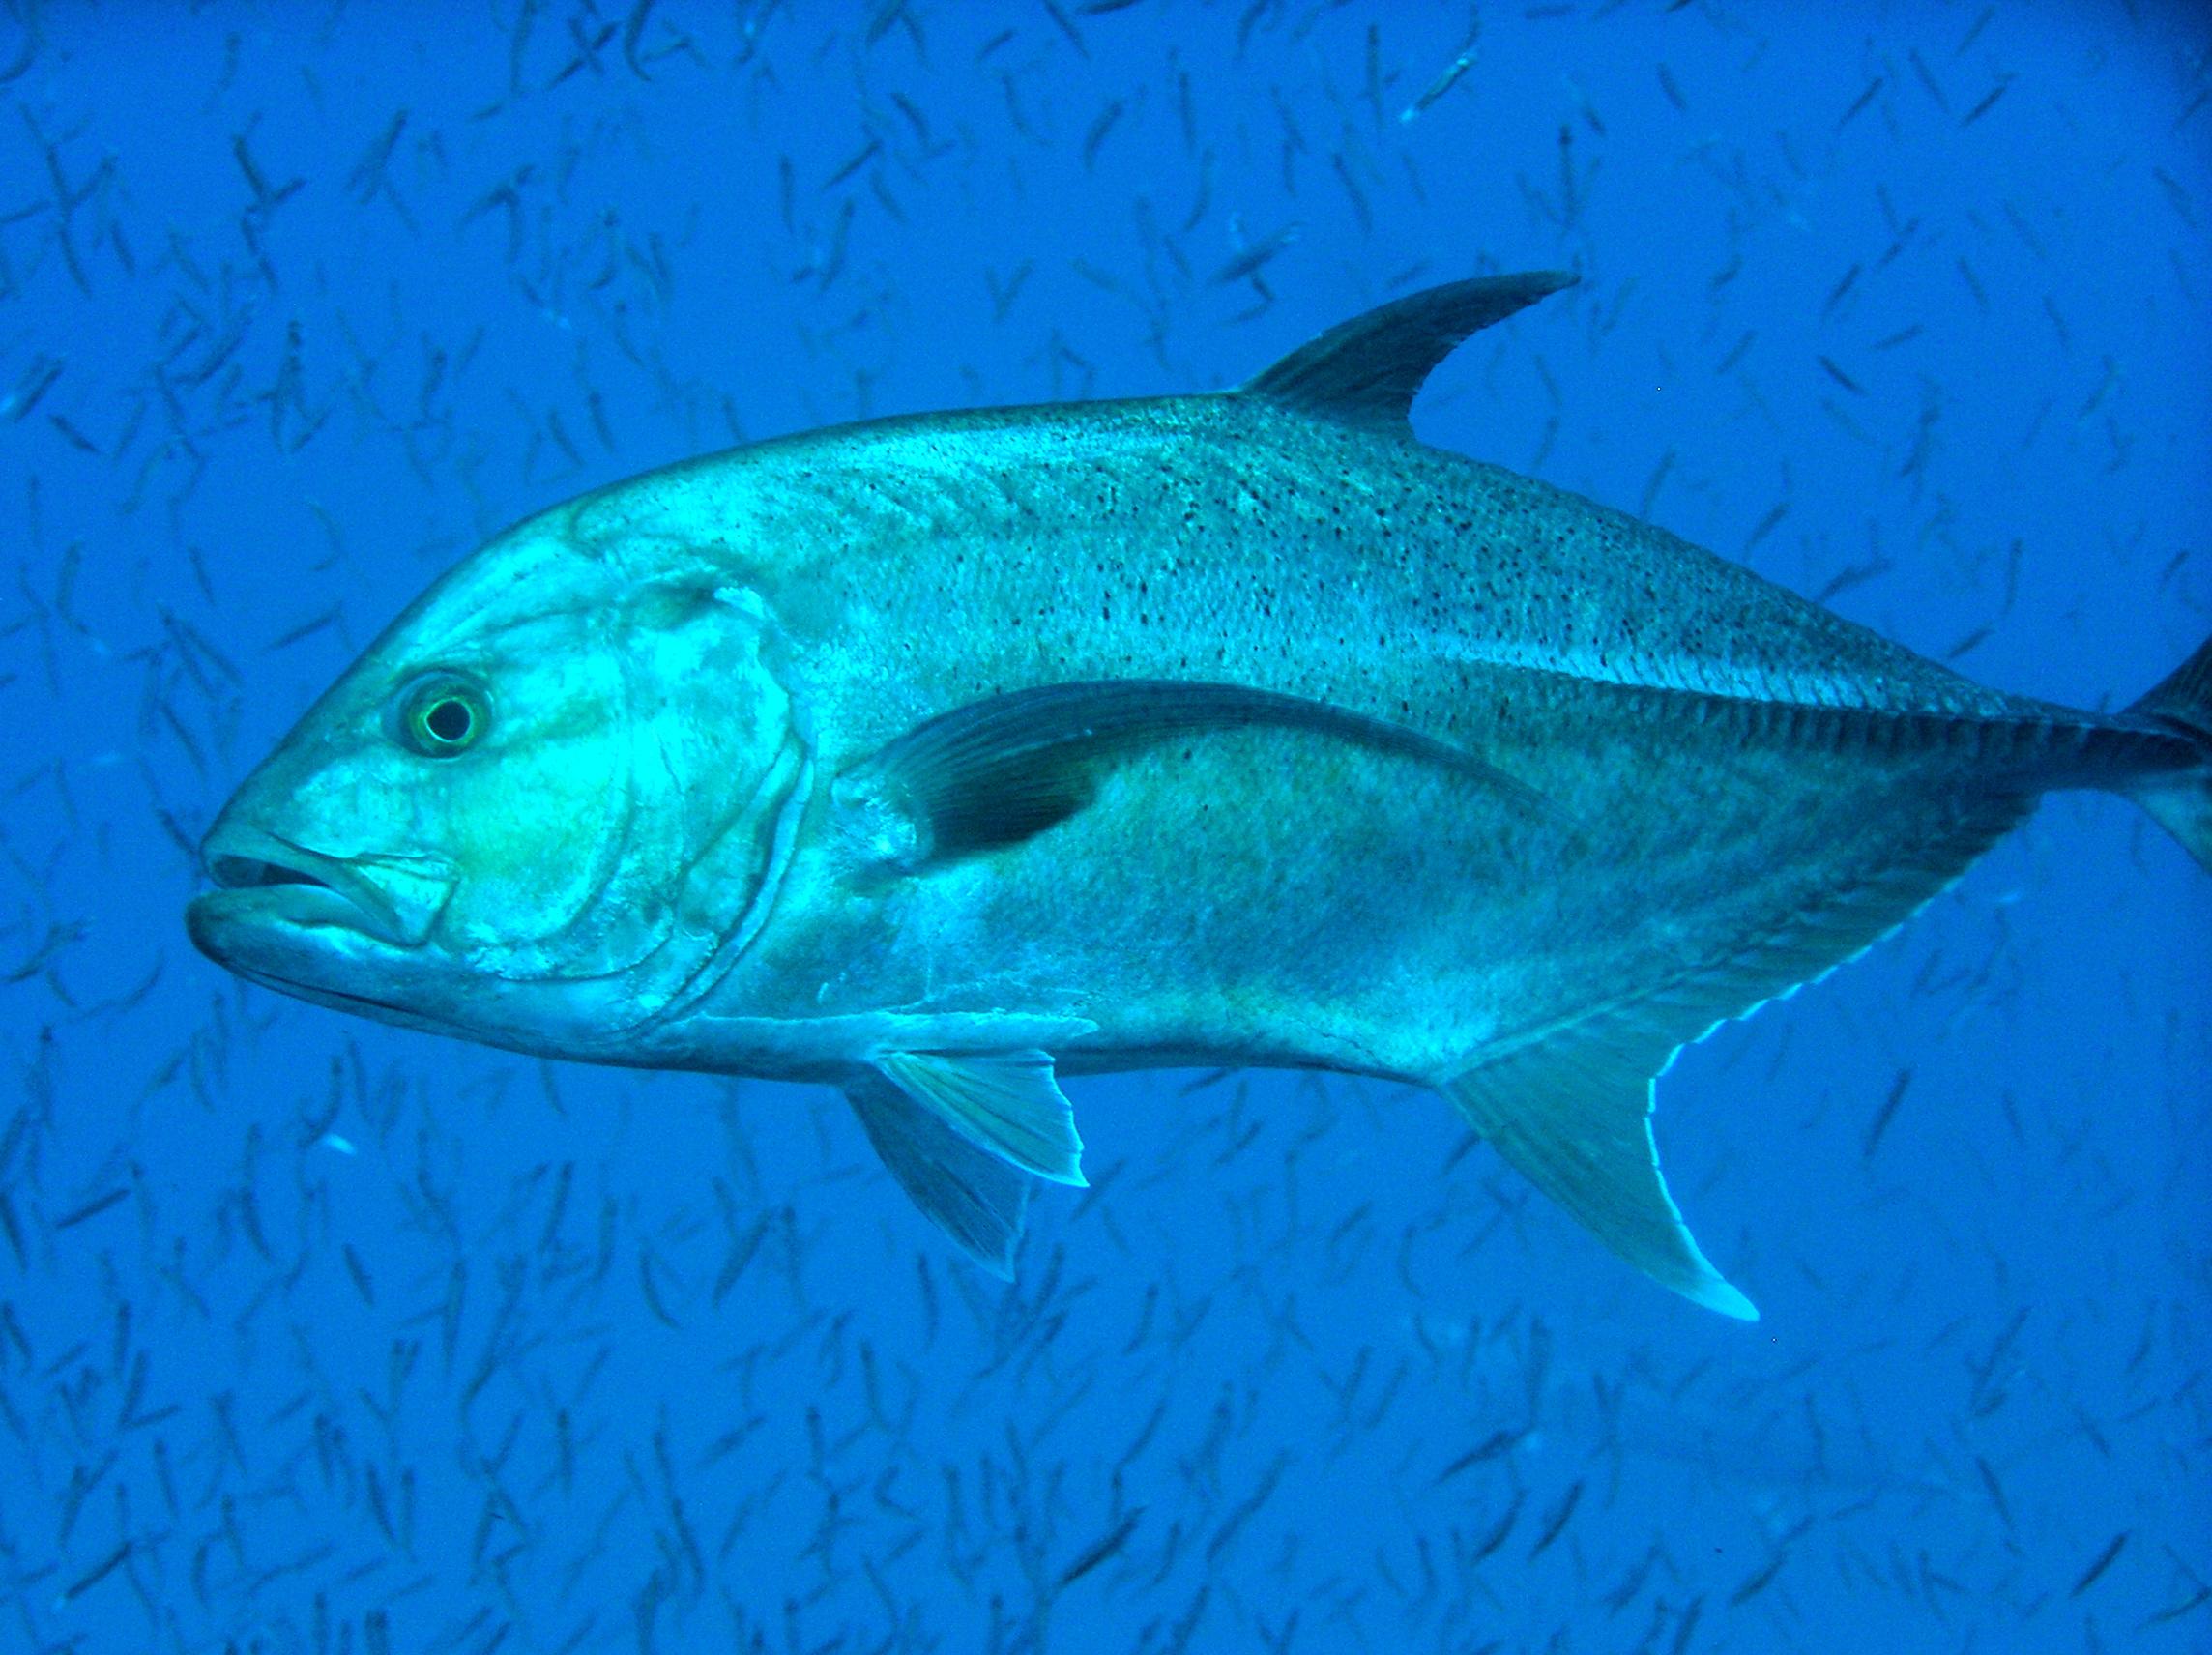 Trevali - Great Barrier Reef 2007